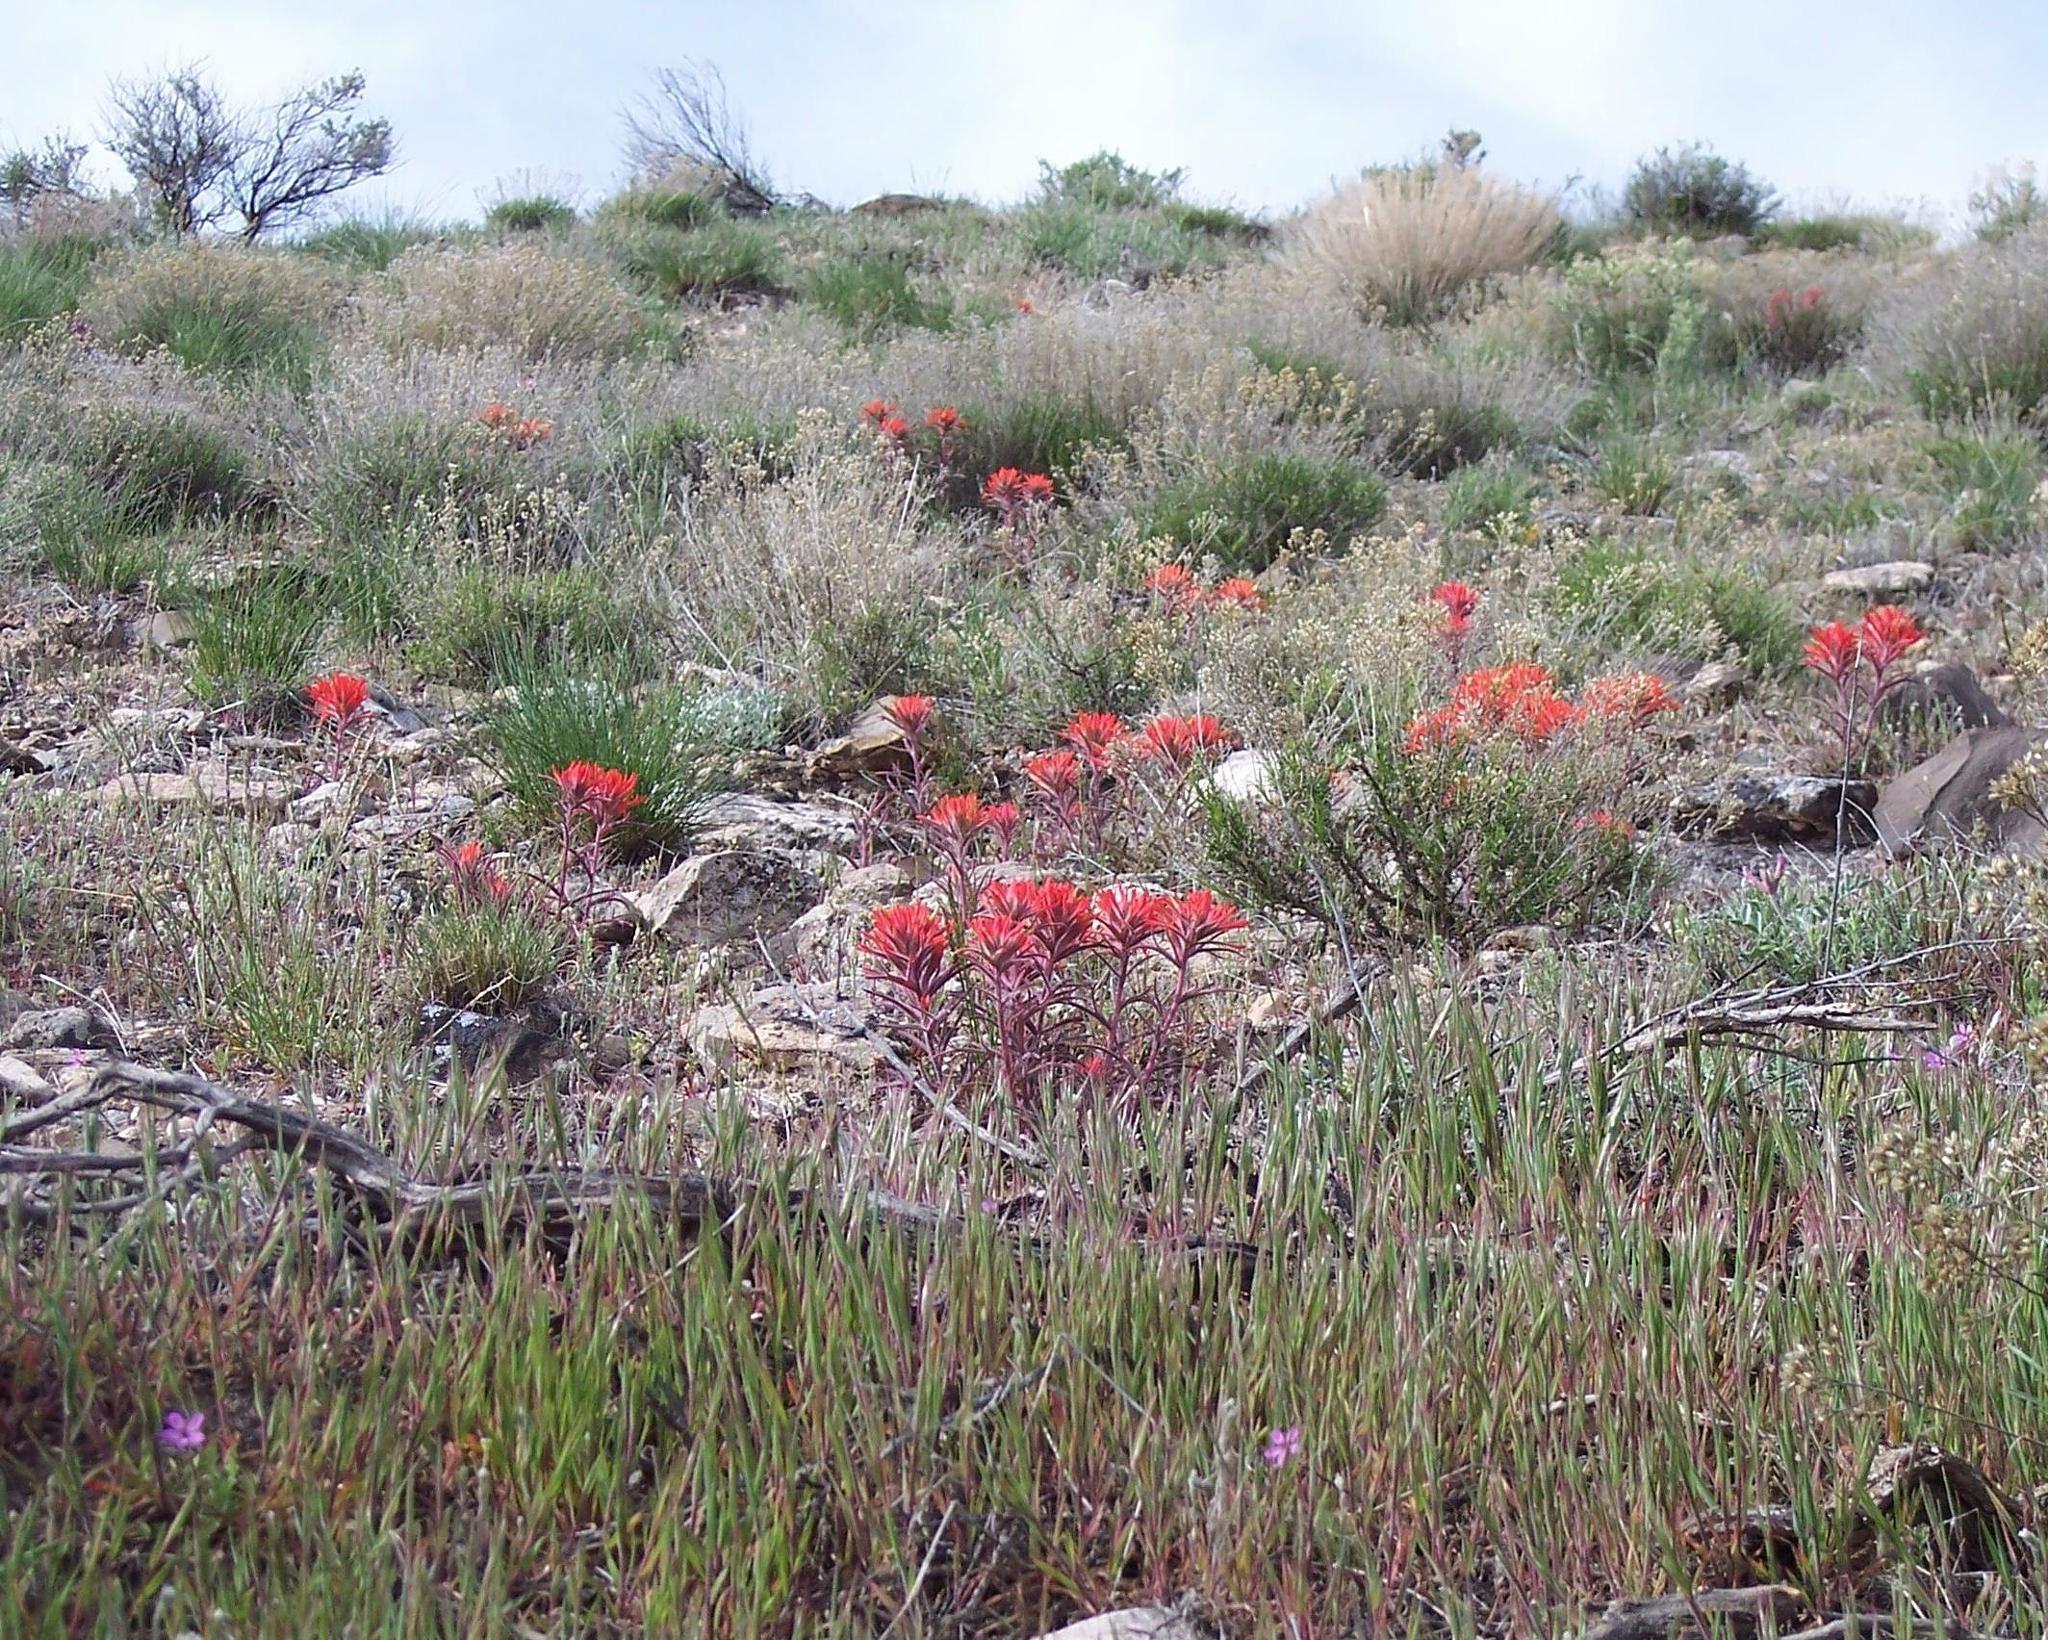 Flowers on a hillside by Dee